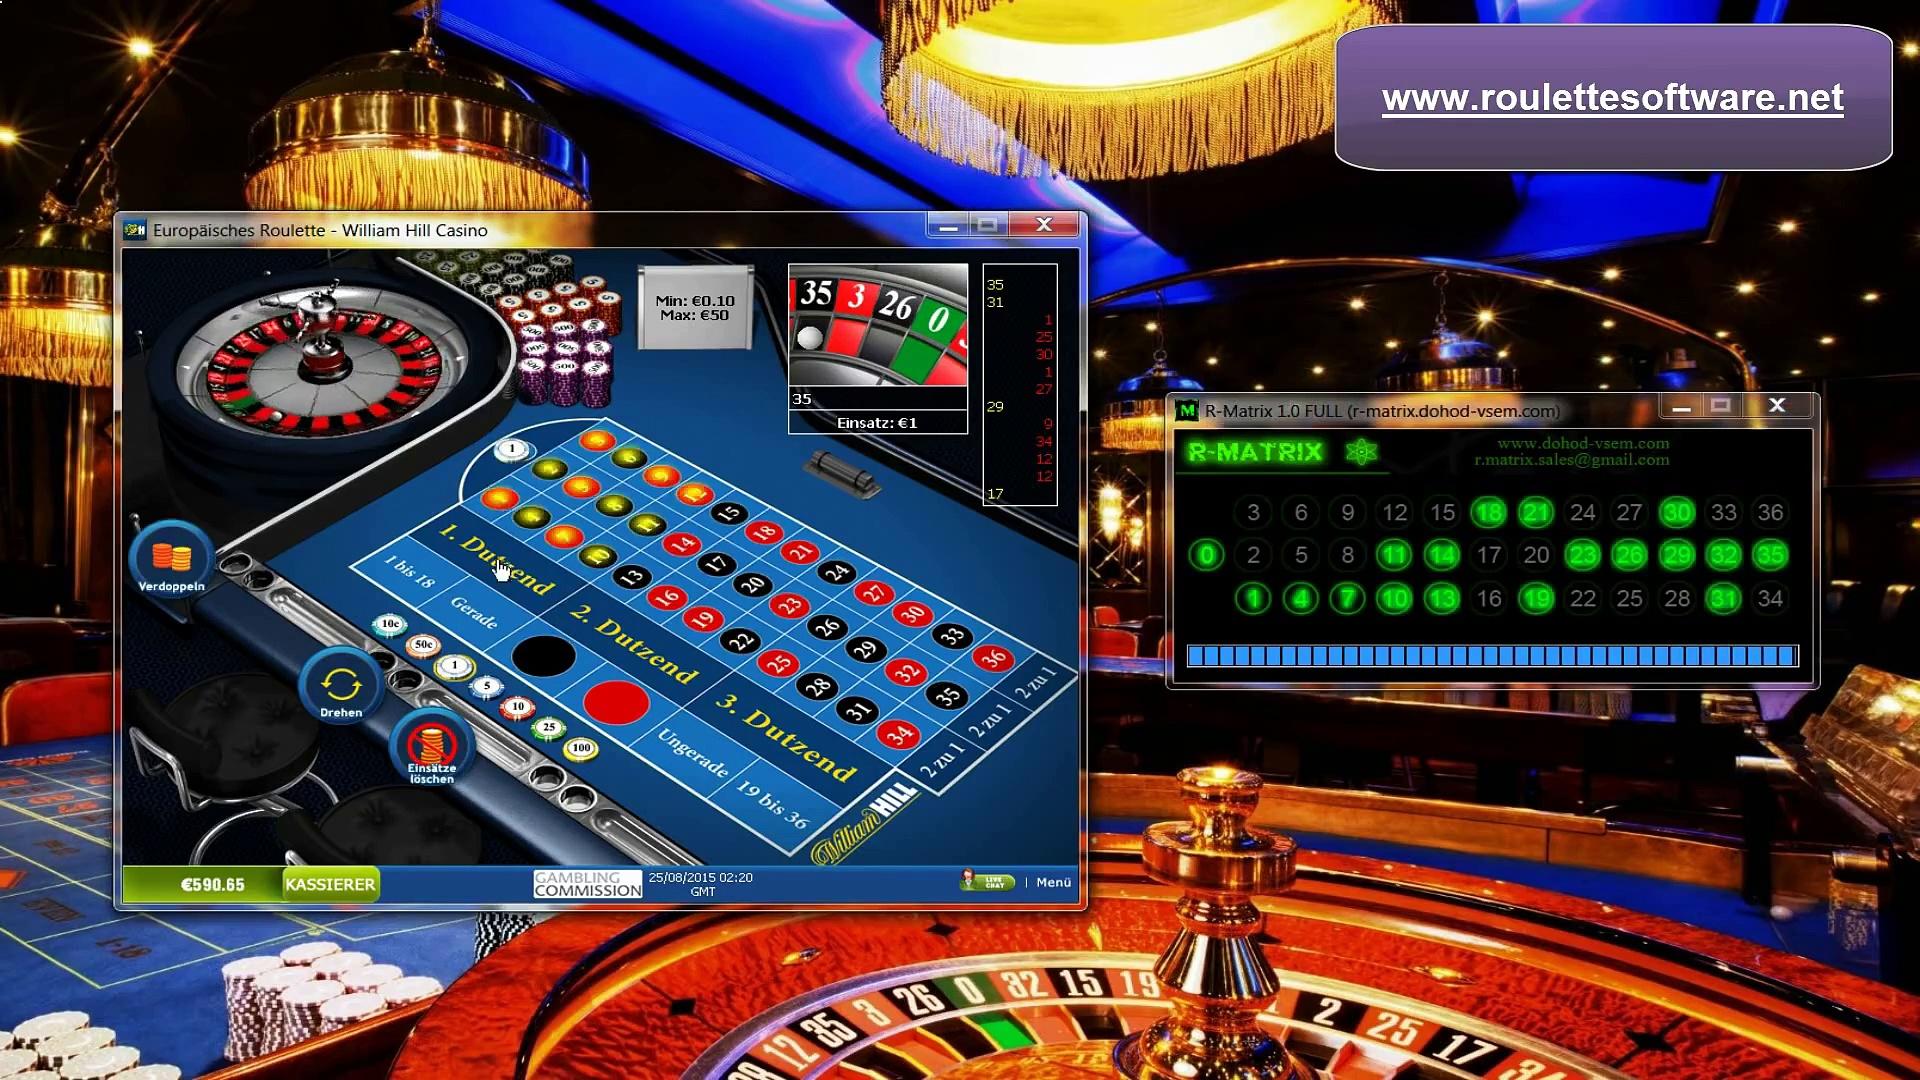 Casino Steuern online - Casino Gewinn versteuern?